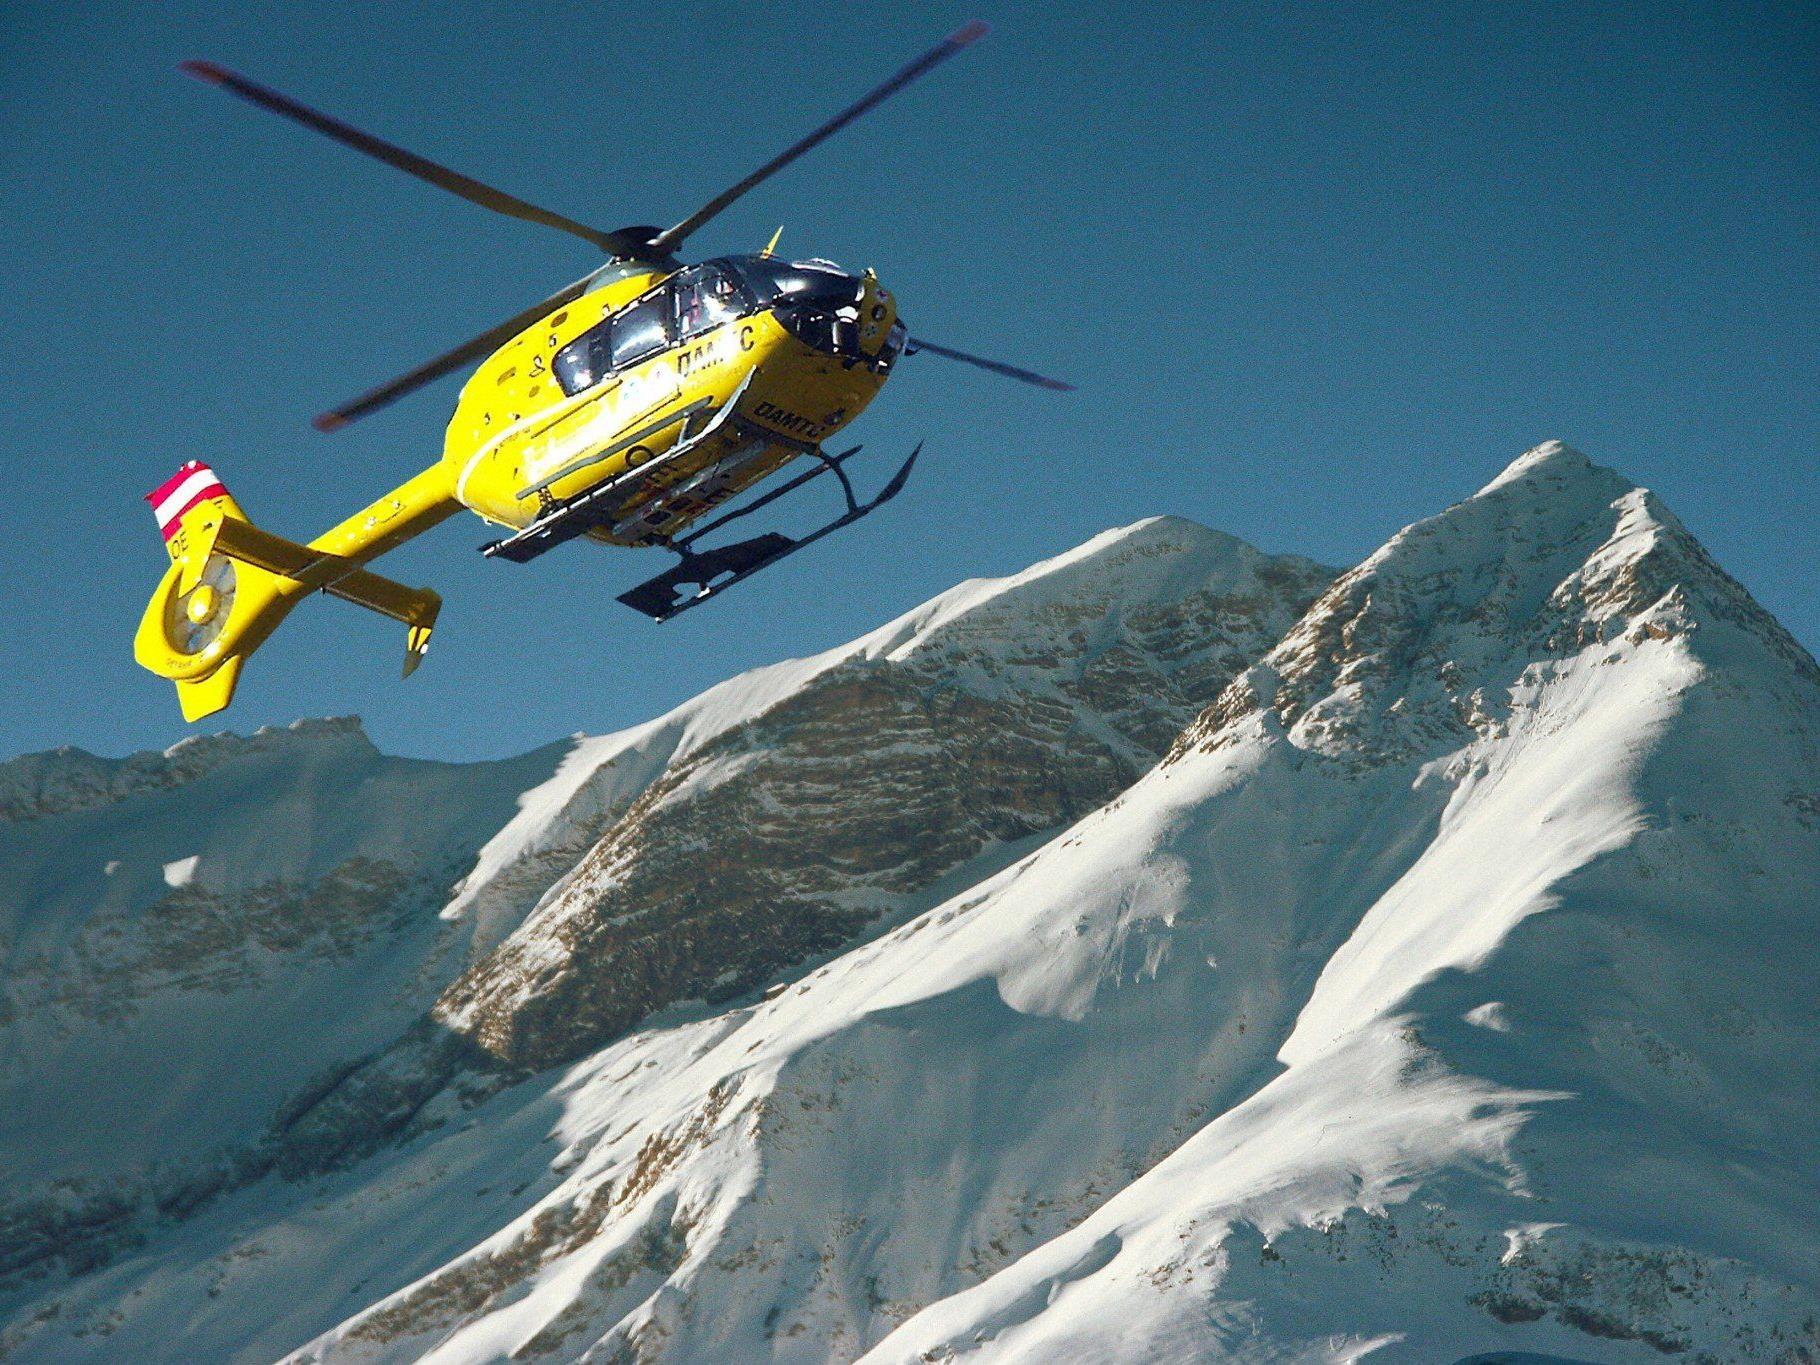 """Auch der """"C8"""" war bei den Skiunfällen am Sonntag im Einsatz."""